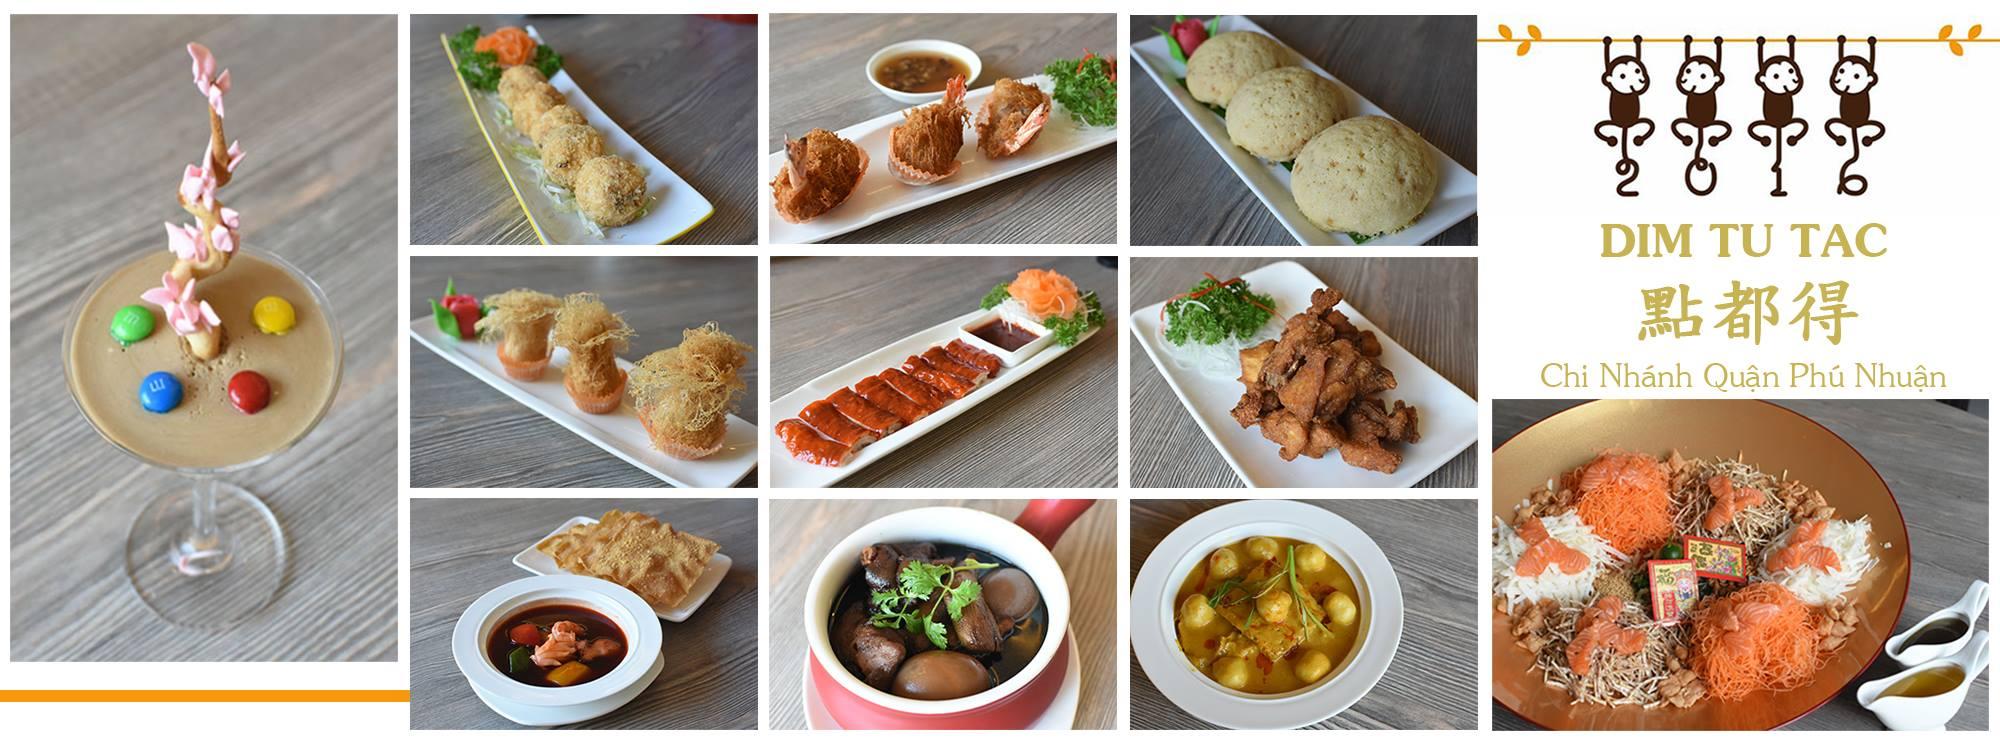 món ăn quán Dim Tu Tac ảnh1